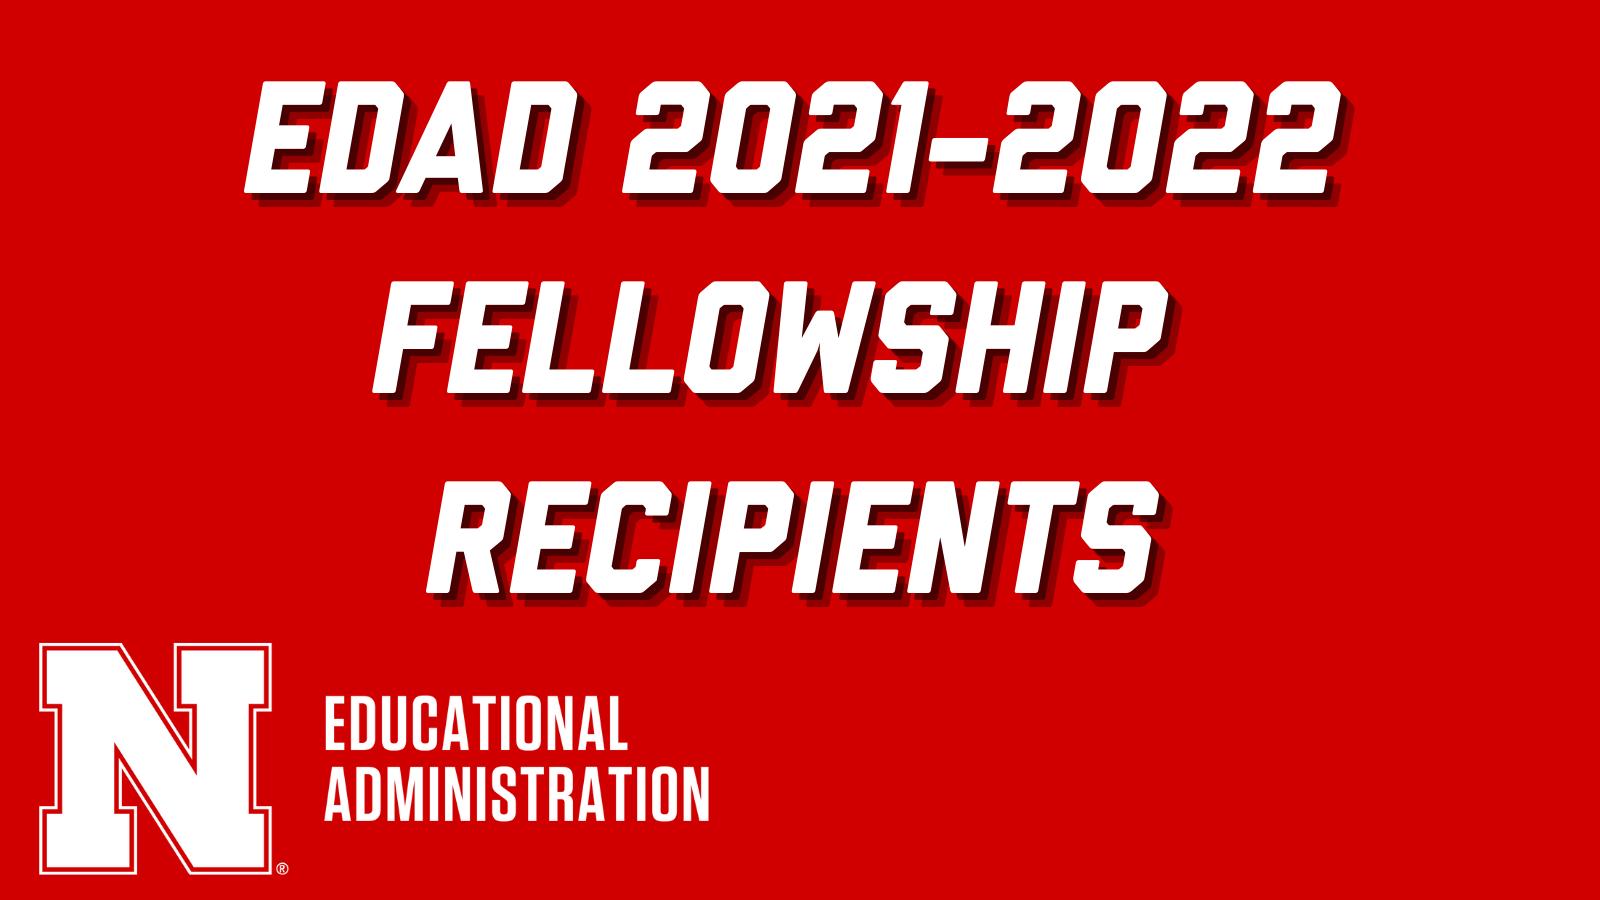 2021-2022 Fellowship Announcement